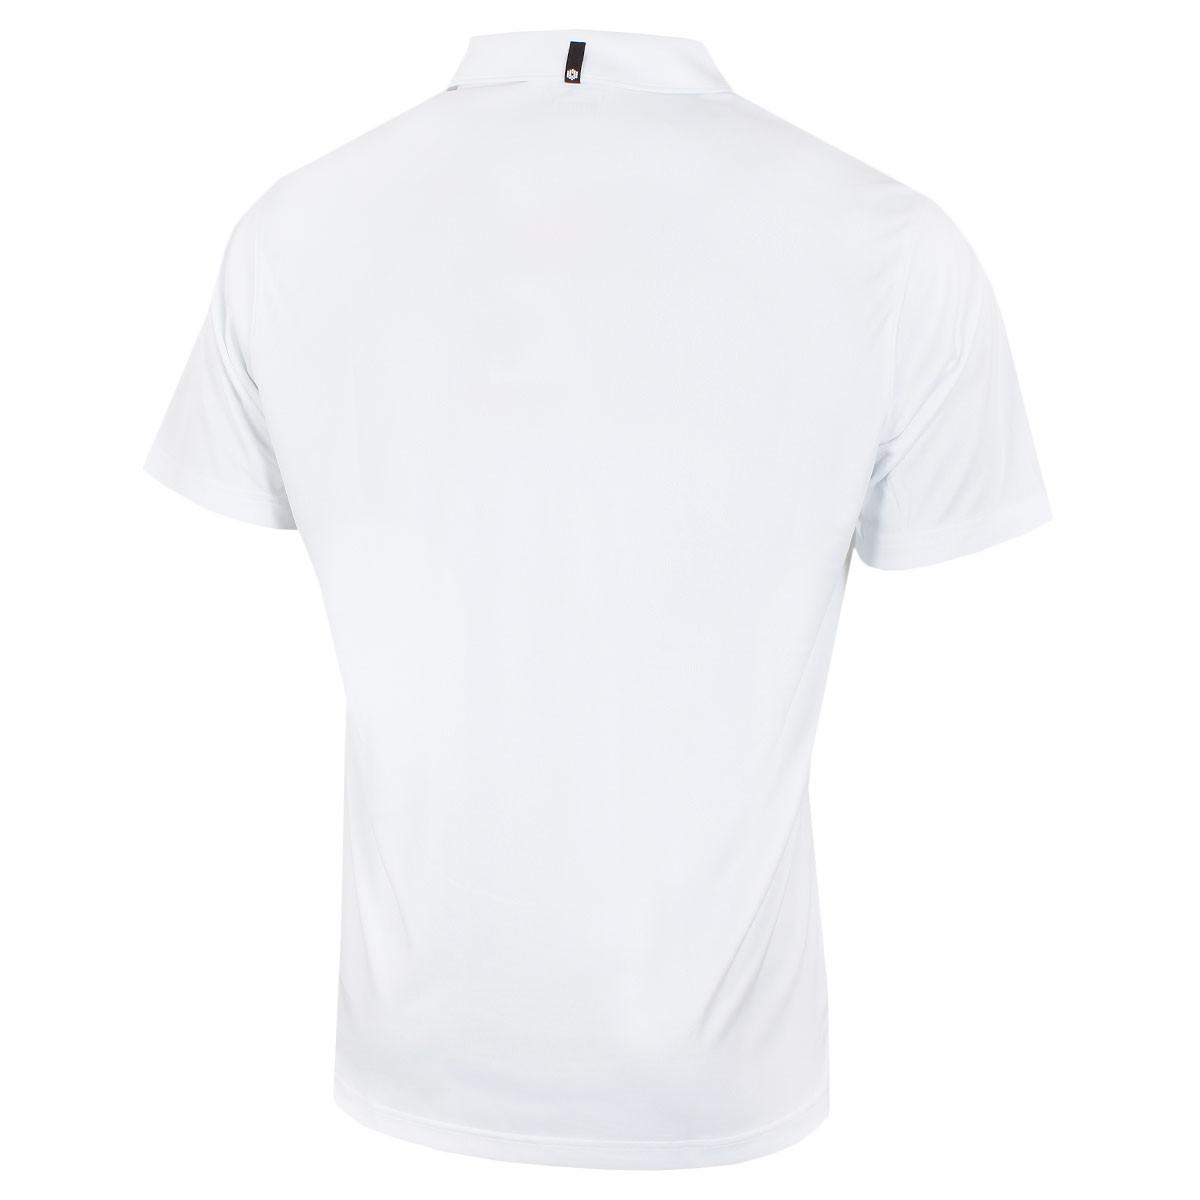 ef097638 Puma Golf Mens Pwrcool Refraction Polo Shirt - Puma Golf - A-Z of ...